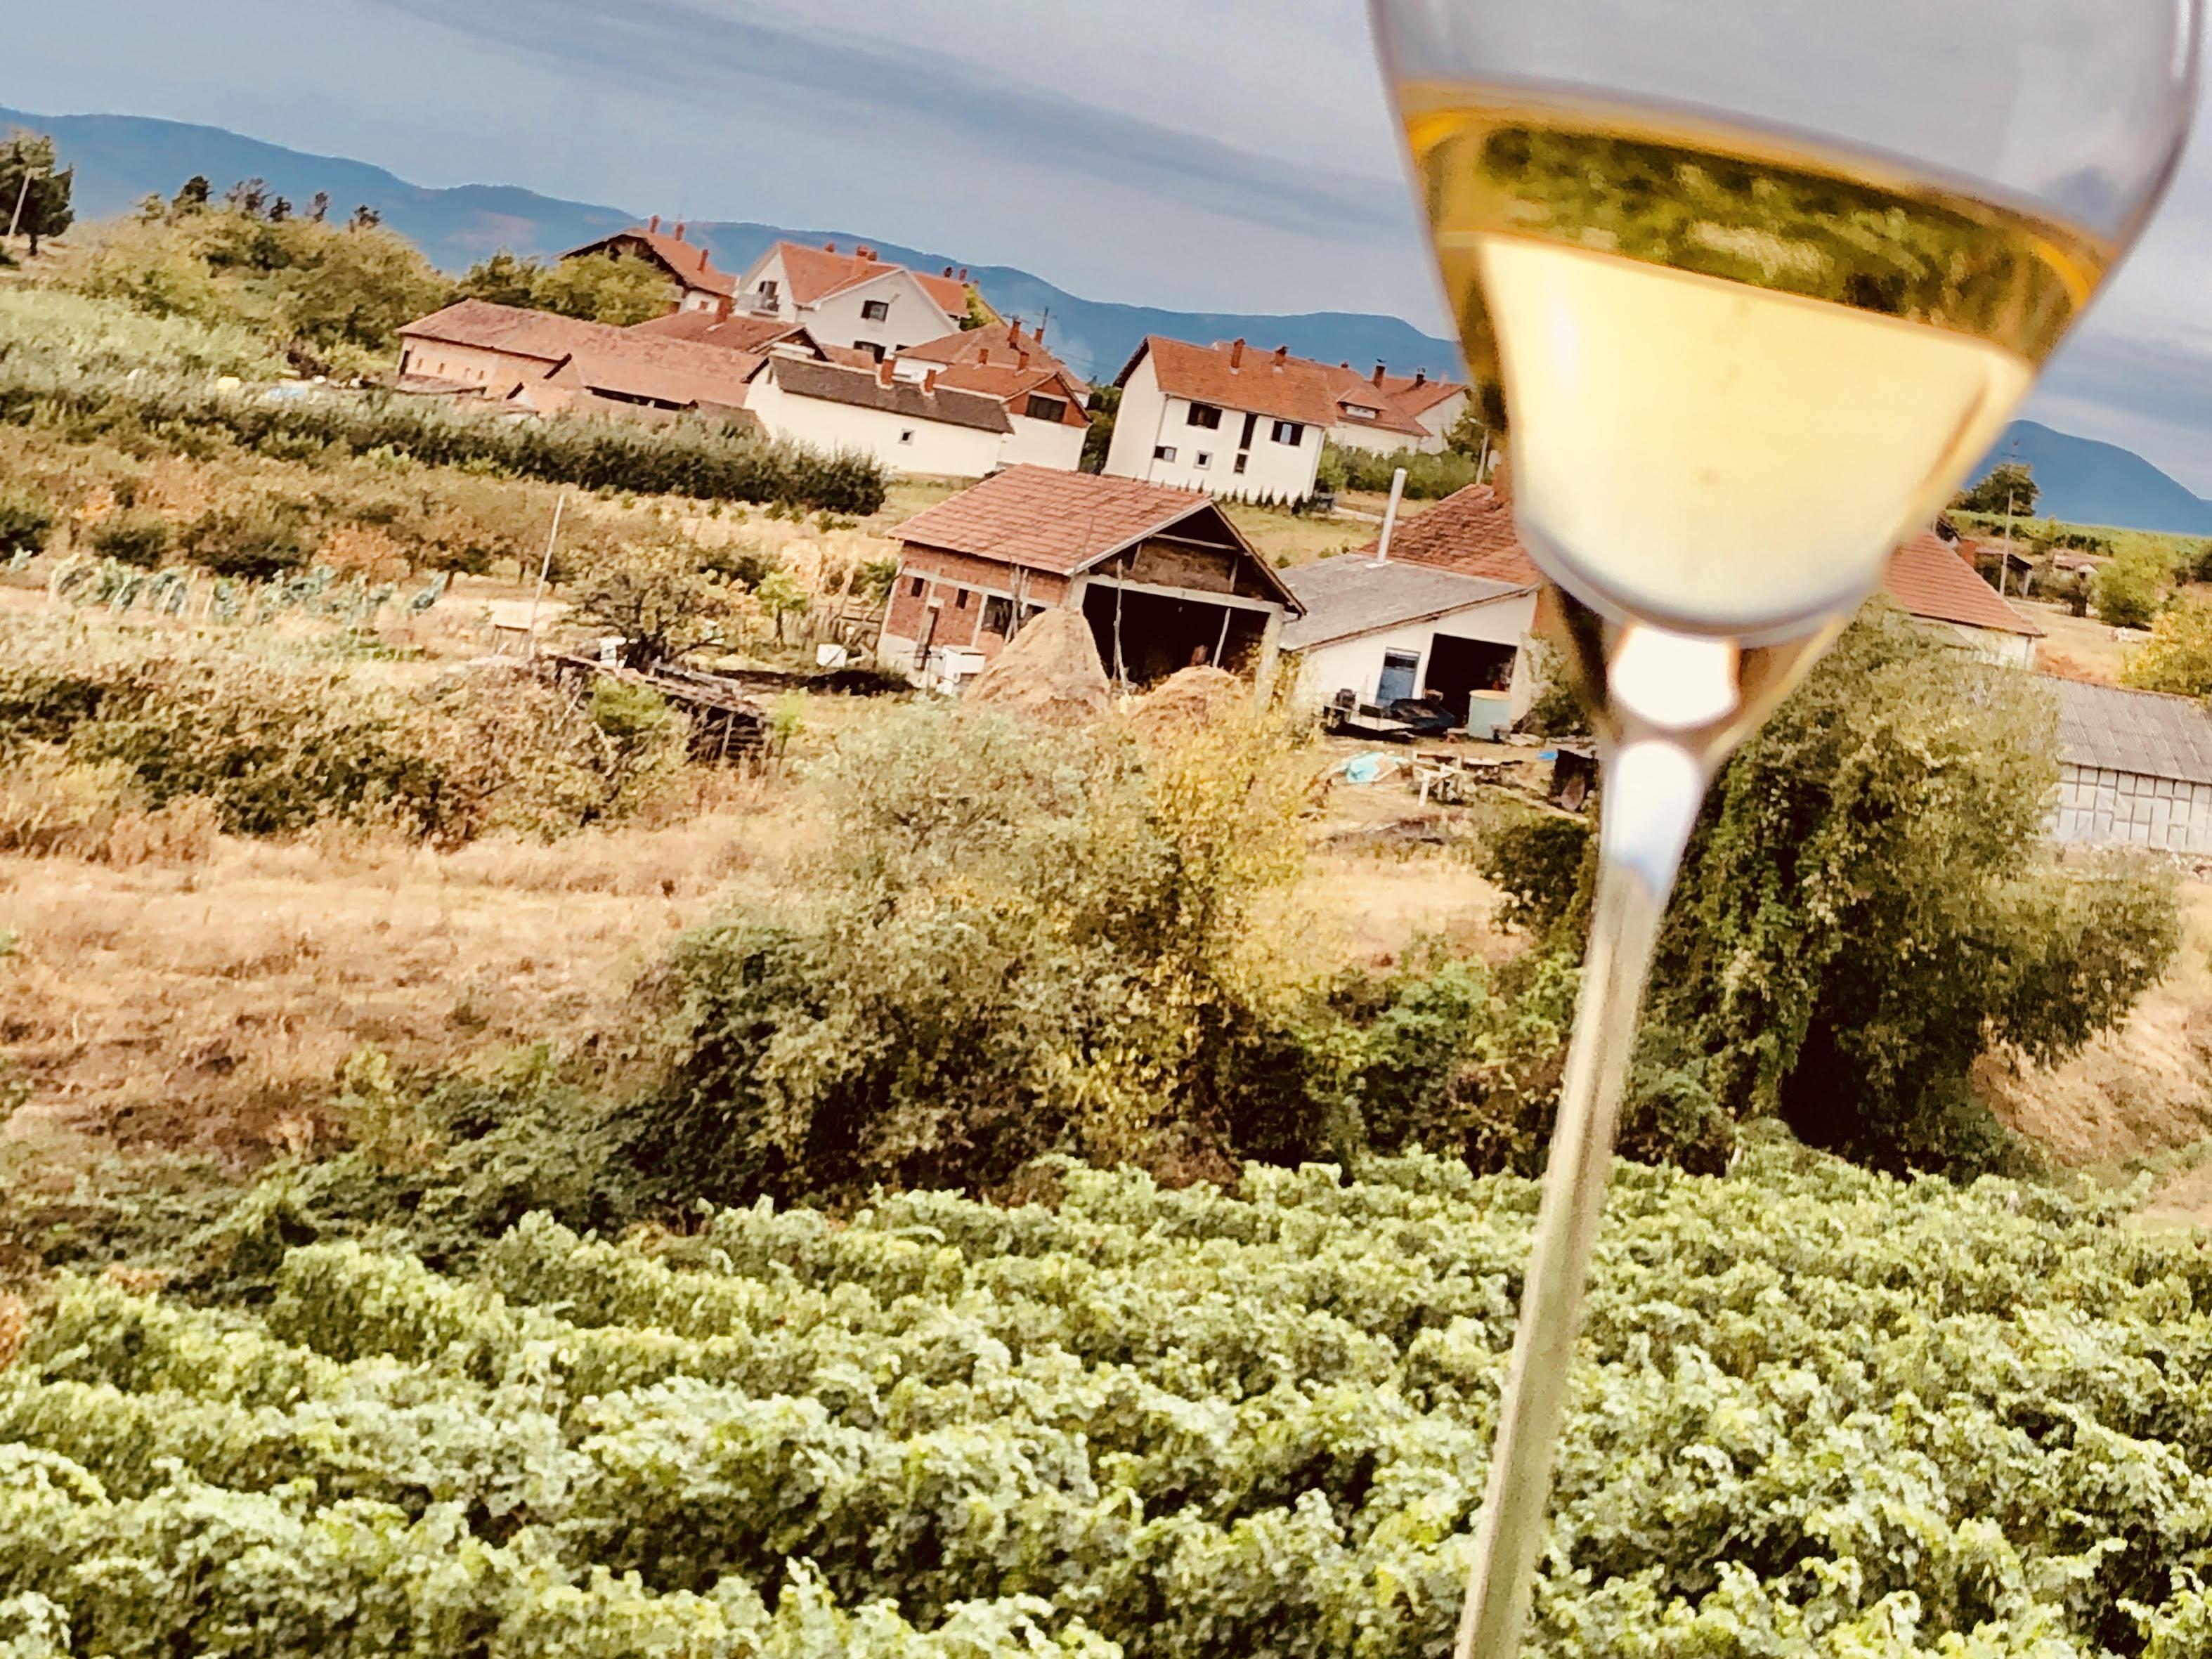 Un vignoble et des vins surprenants... /crédit photo JDL